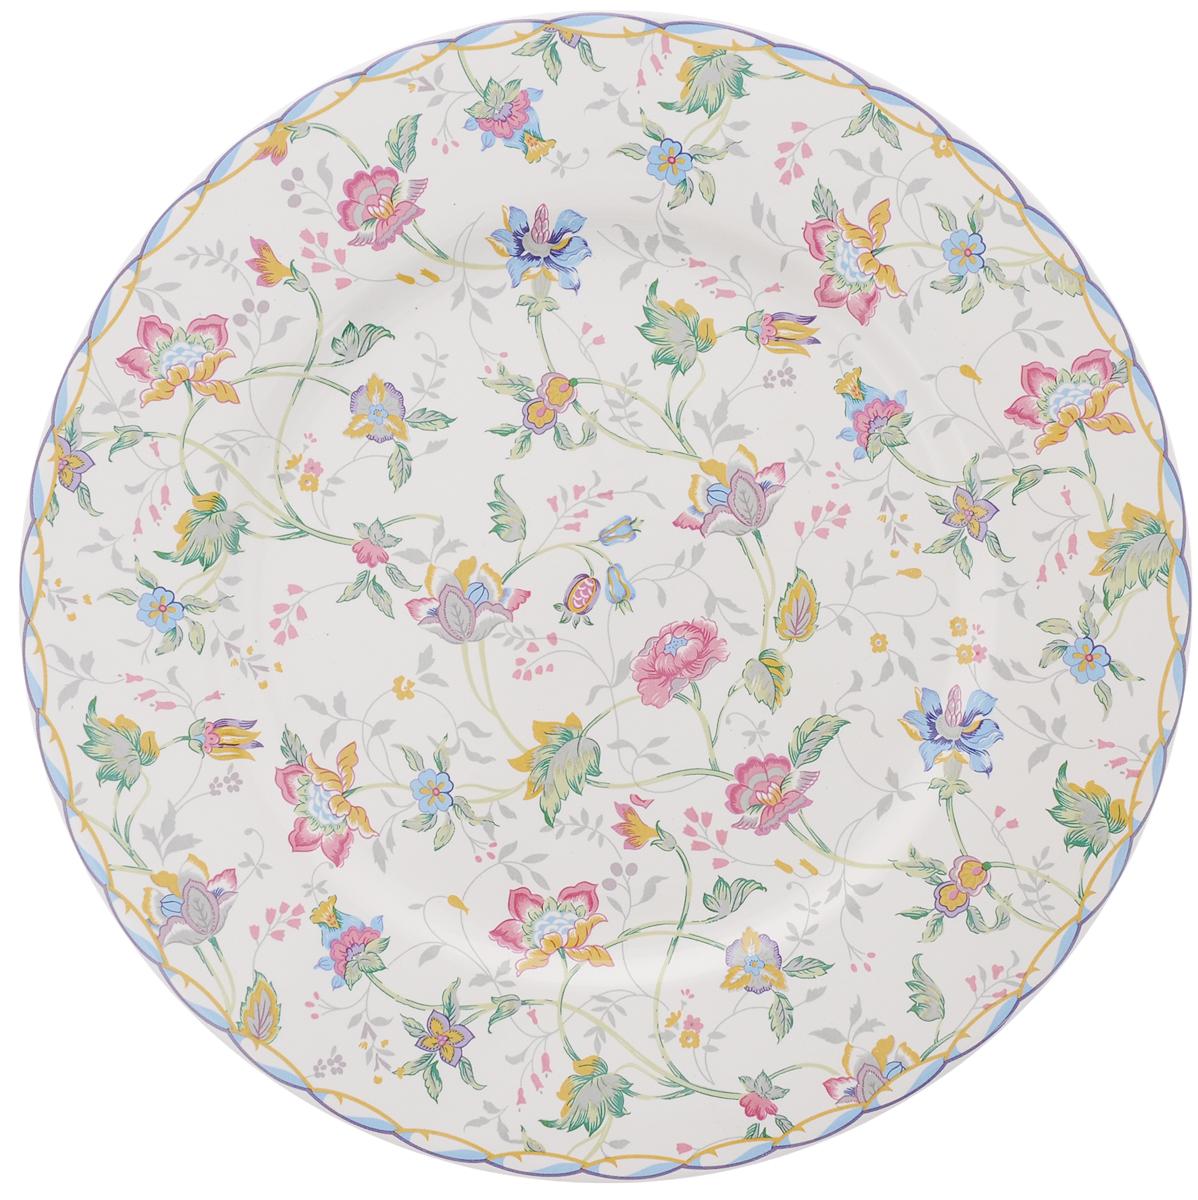 Тарелка House & Holder, диаметр 23 смLUNA09-1109/1Тарелка House & Holder сочетает в себе изысканный дизайн с максимальной функциональностью. Красочность оформления придется по вкусу и ценителям классики, и тем, кто предпочитает утонченность и изысканность. Тарелка выполнена из фаянса. Оригинальный рисунок придает набору особый шарм, который понравится каждому.Диаметр тарелки: 23 см.